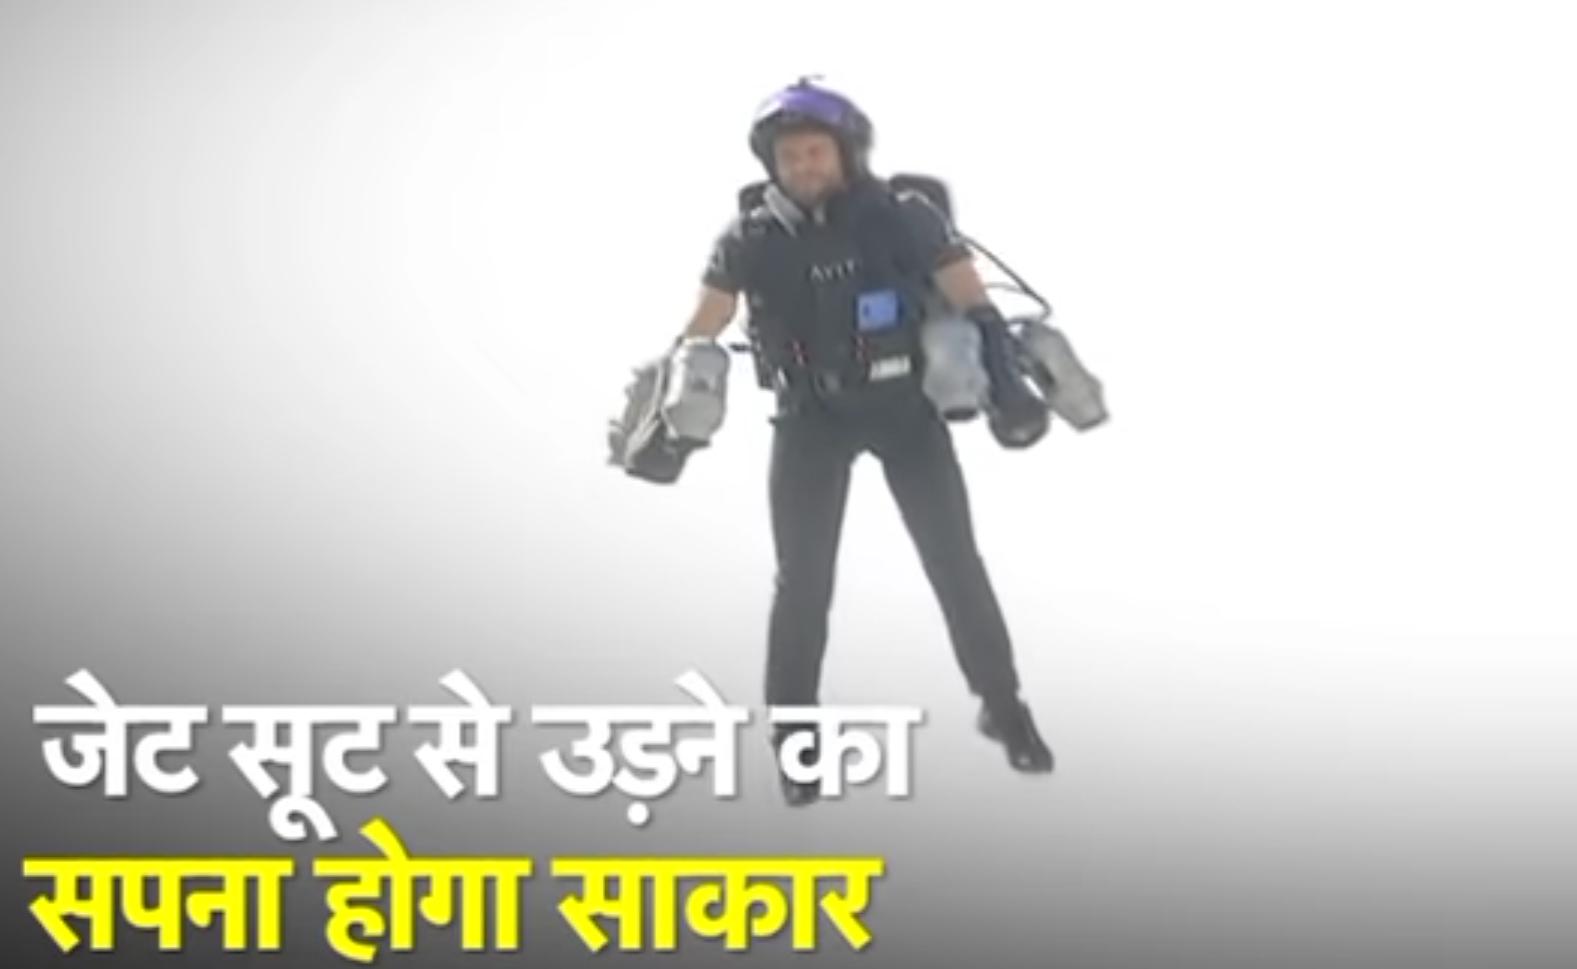 Insan Bhi Panchi Ki Tarah Urr Sakta Hai.